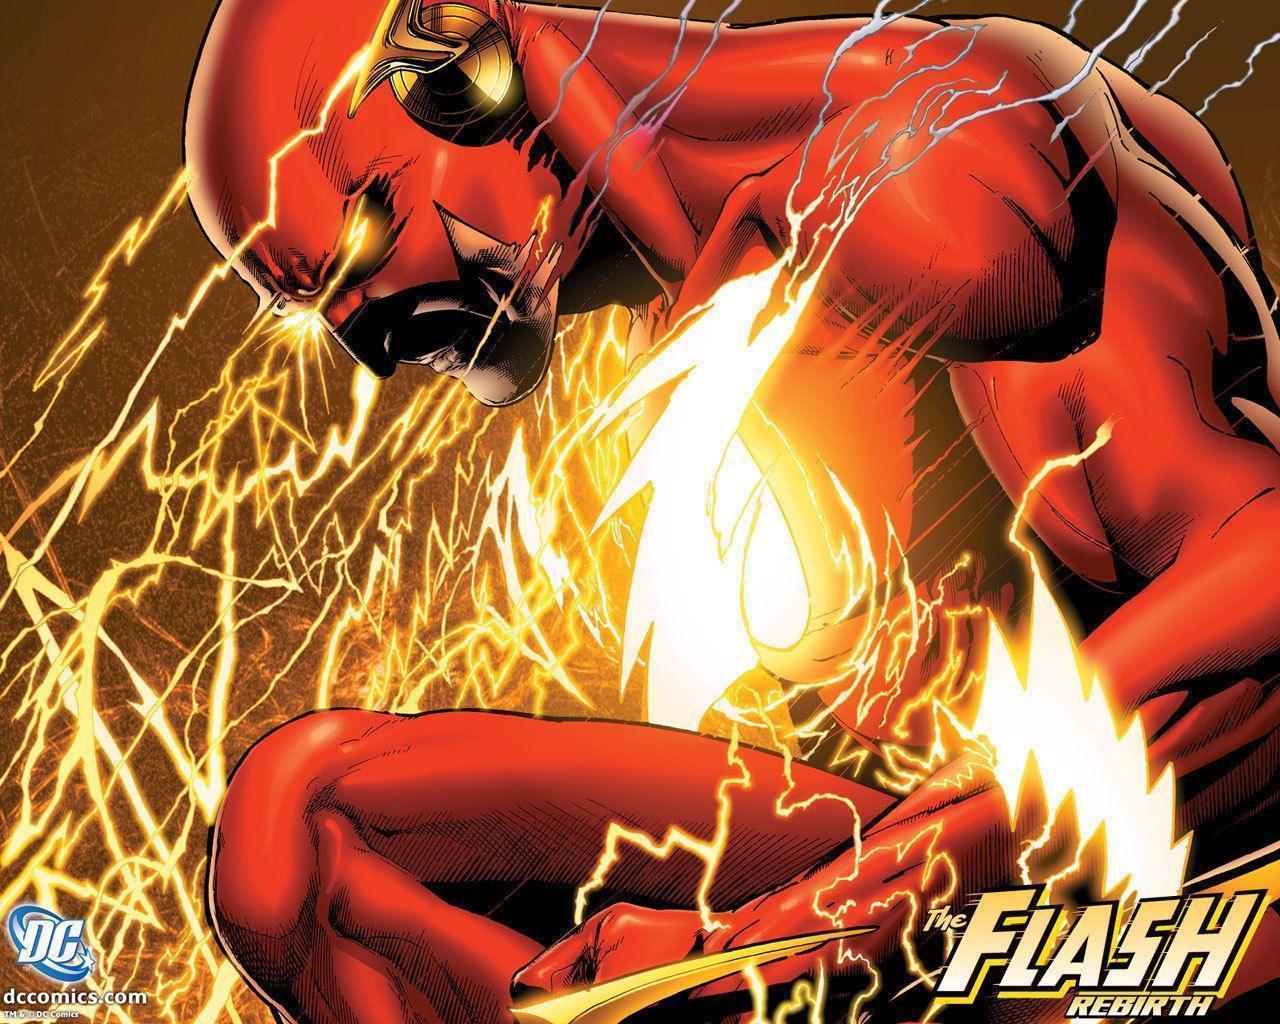 The Flash Wallpaper DC Comics - WallpaperSafari